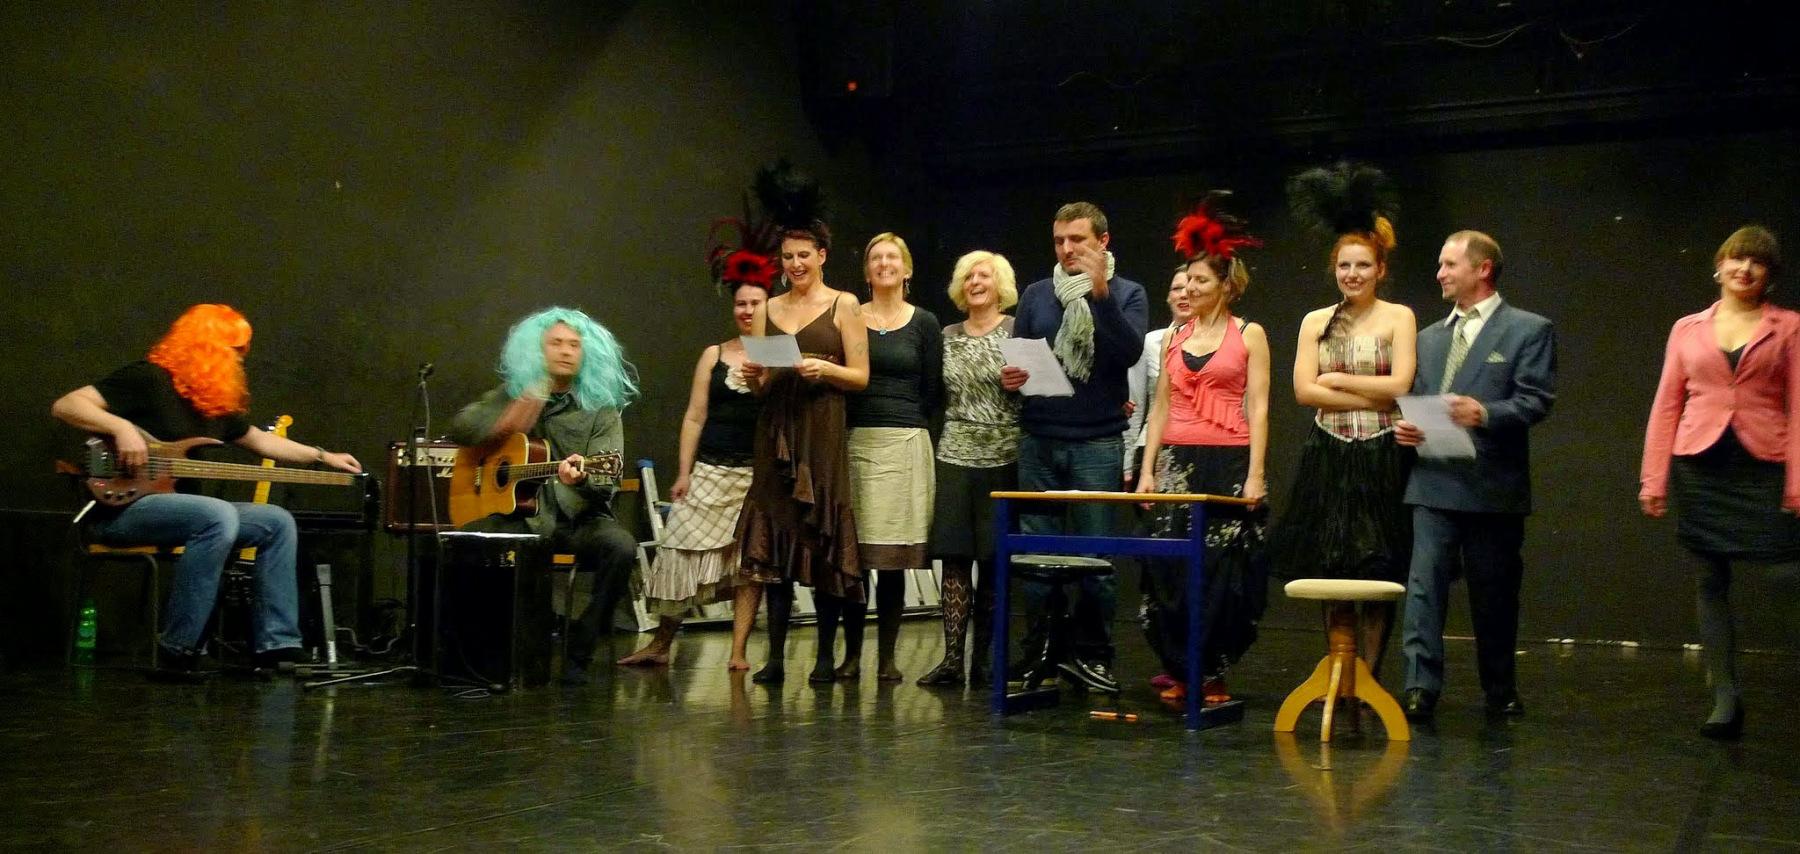 Advent-a-divadlo-v-BRaníku-2014-14